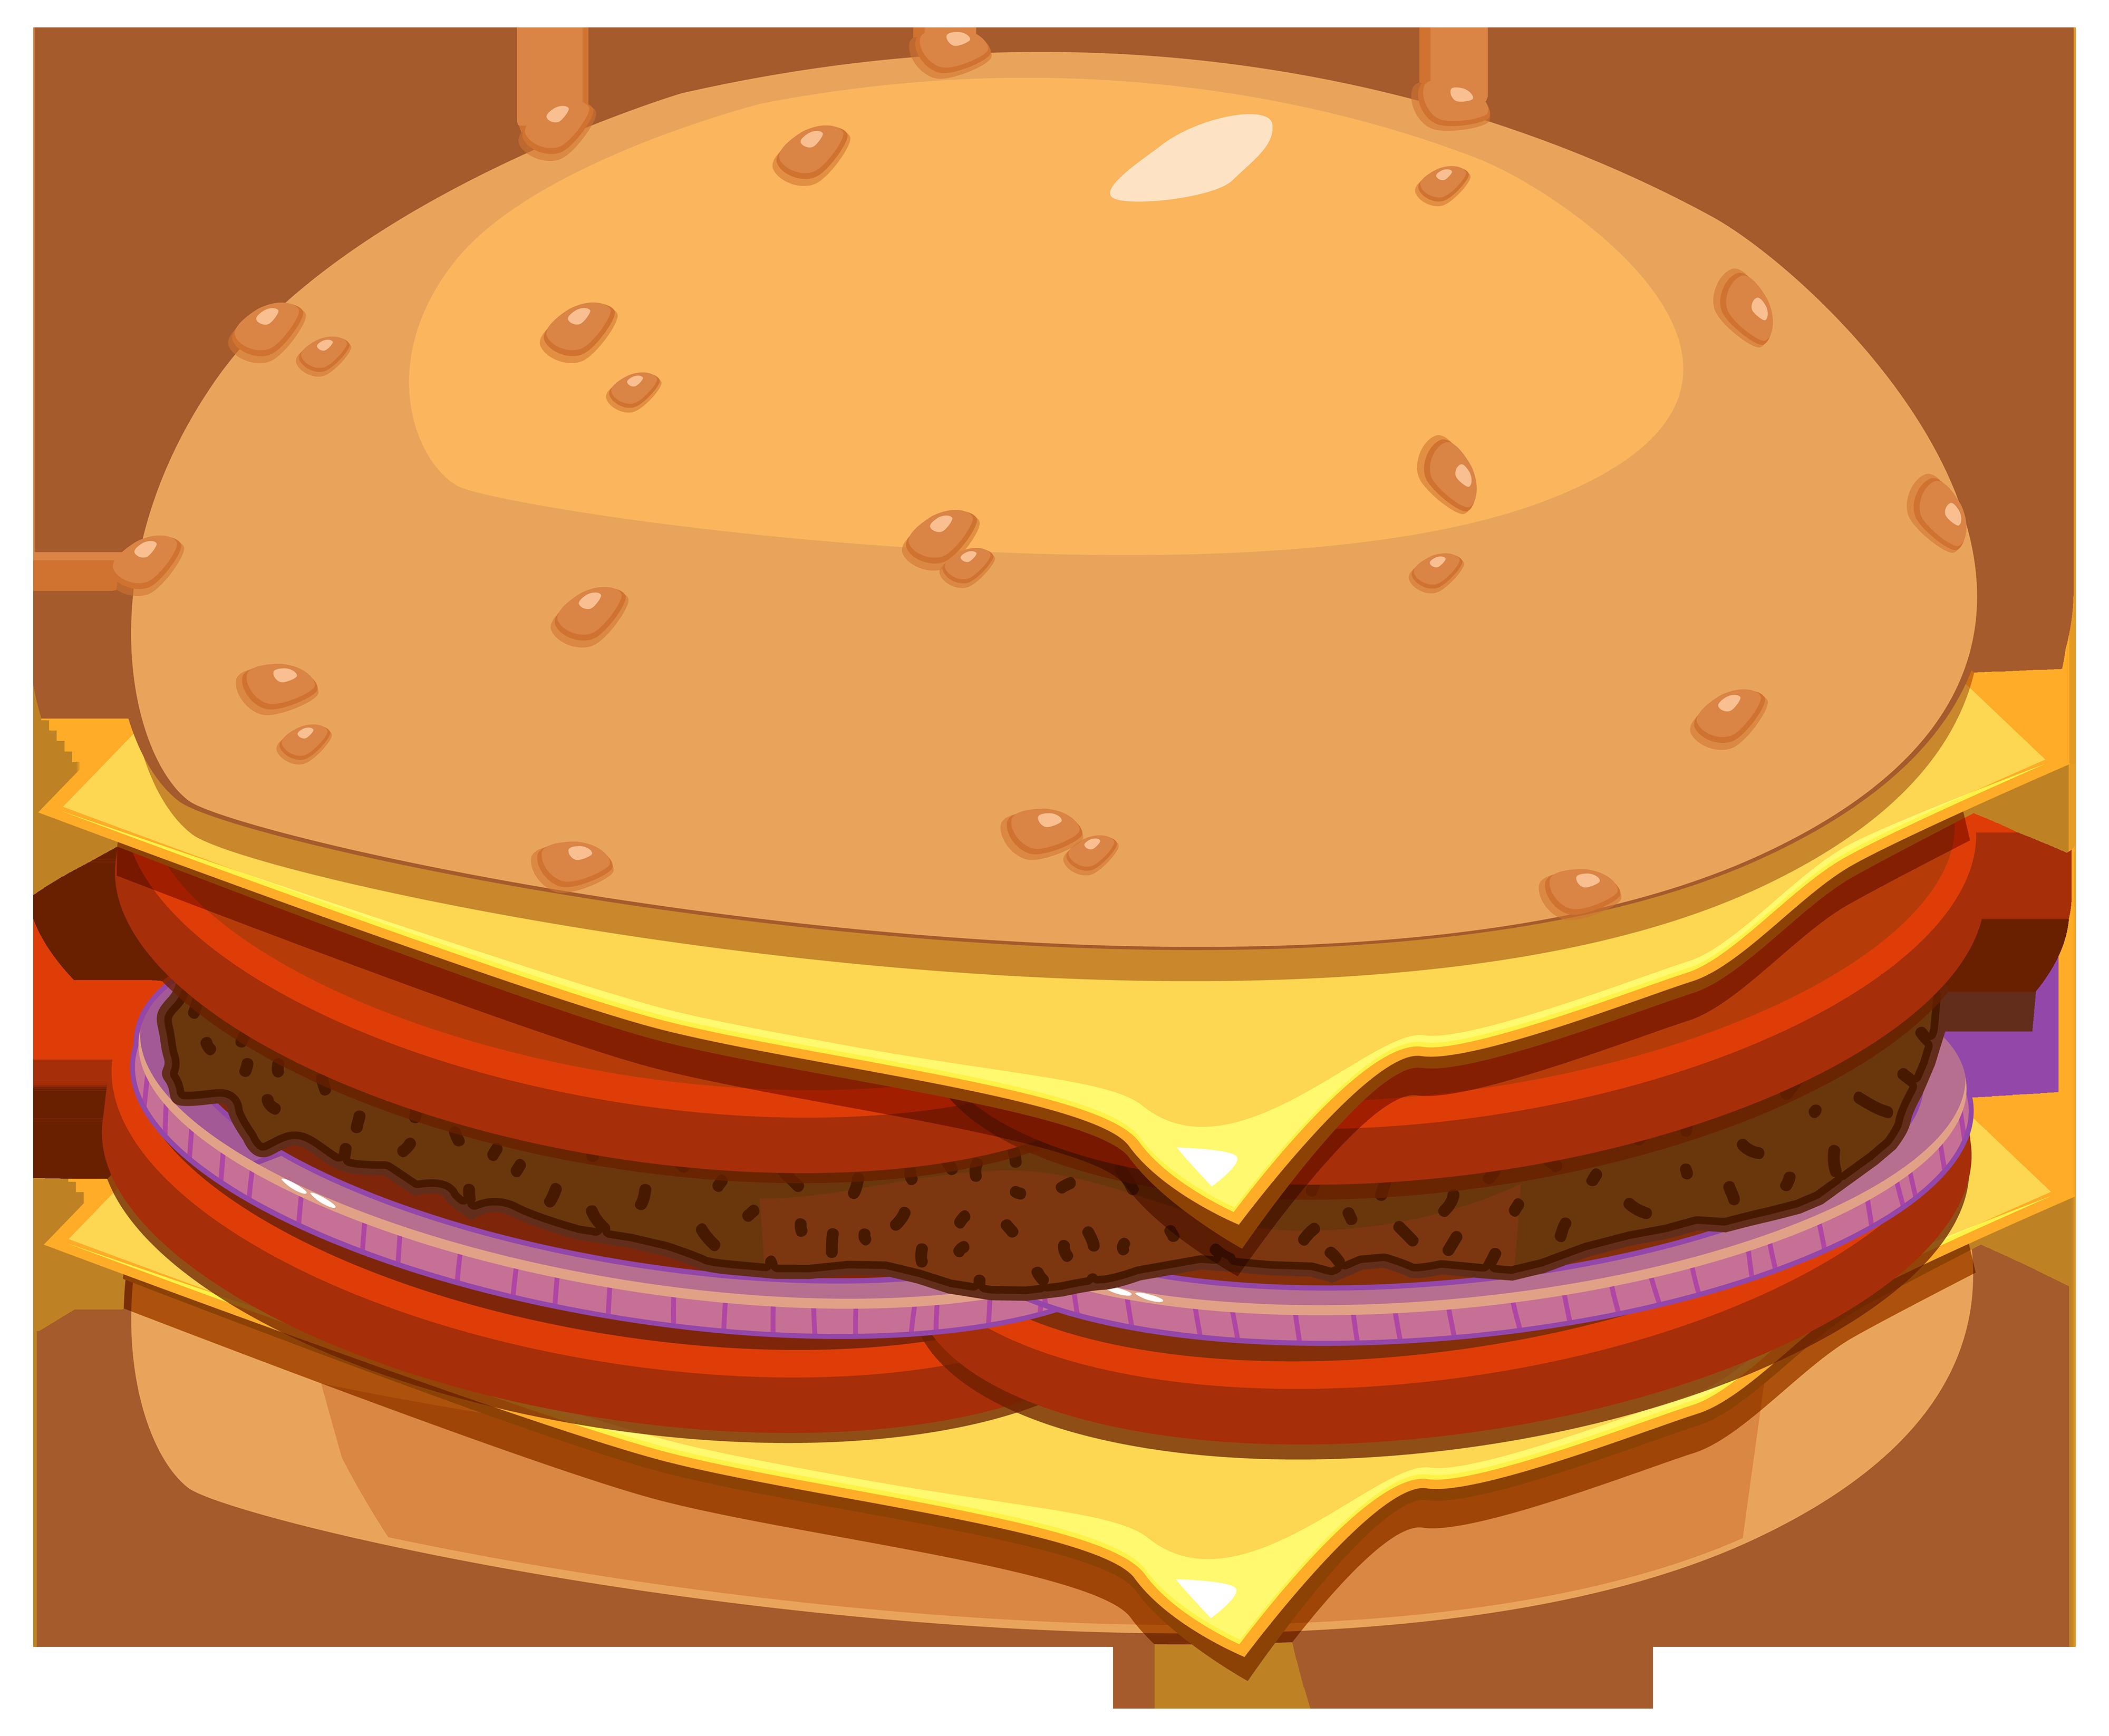 4000x3293 Hamburger Png Clipart